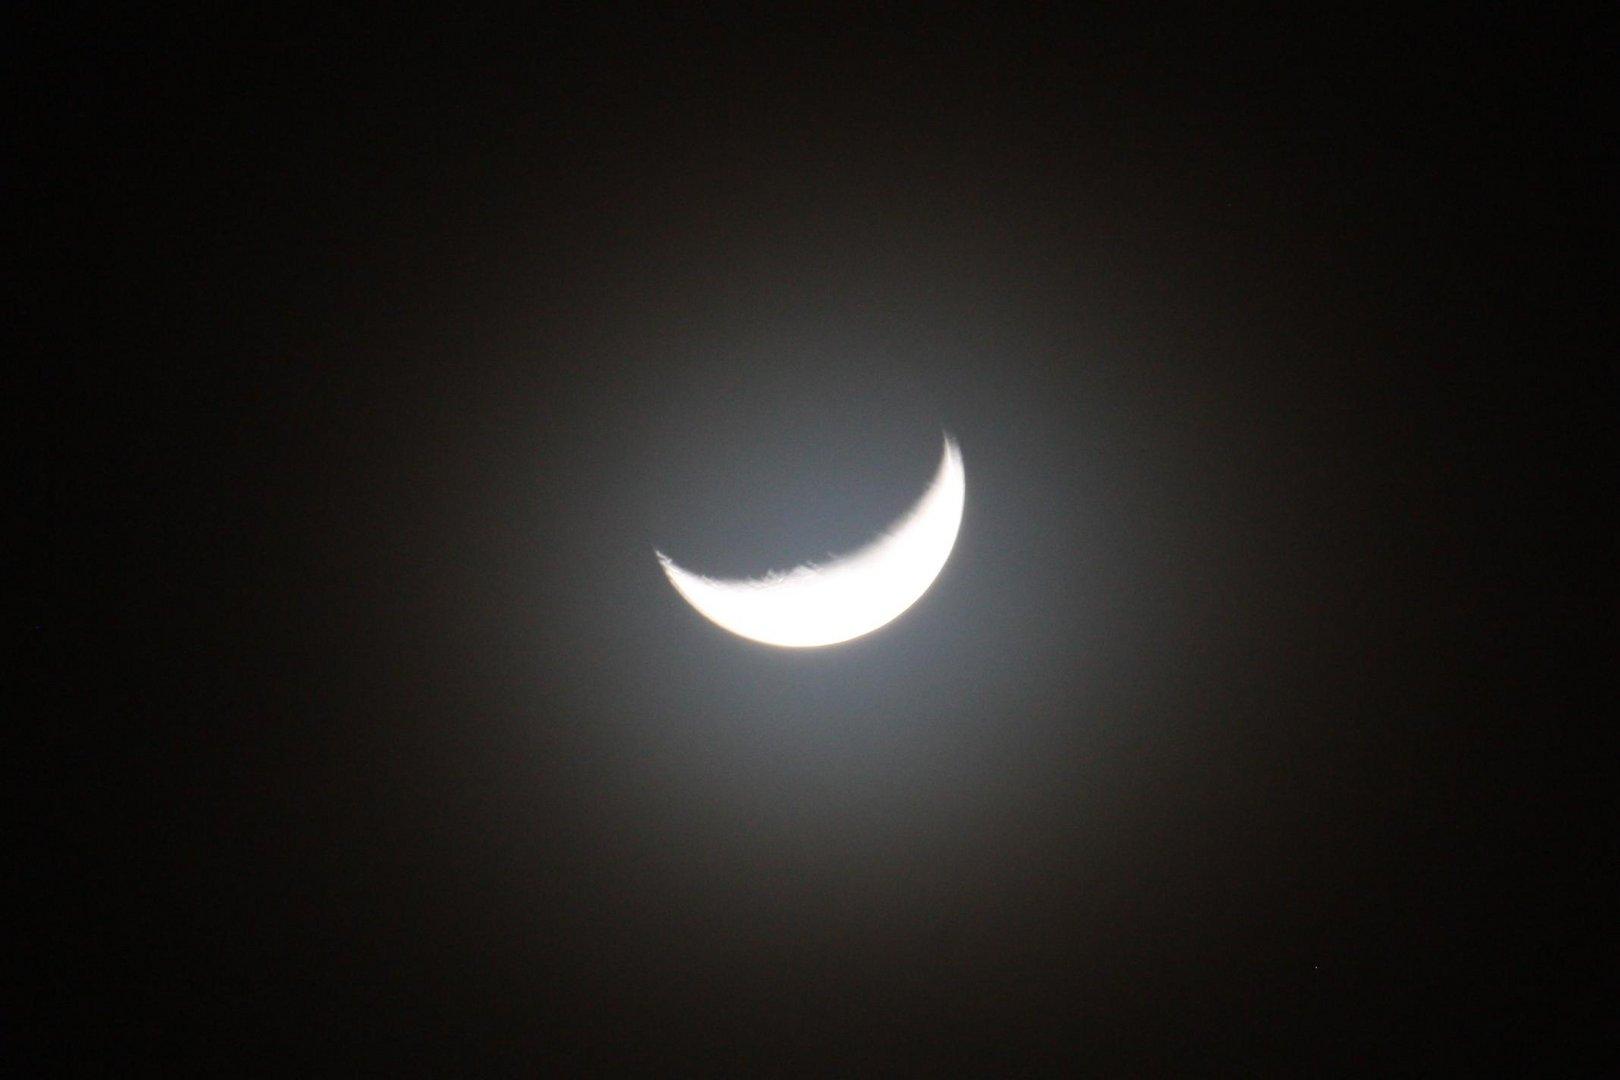 primo quarto di luna con alone